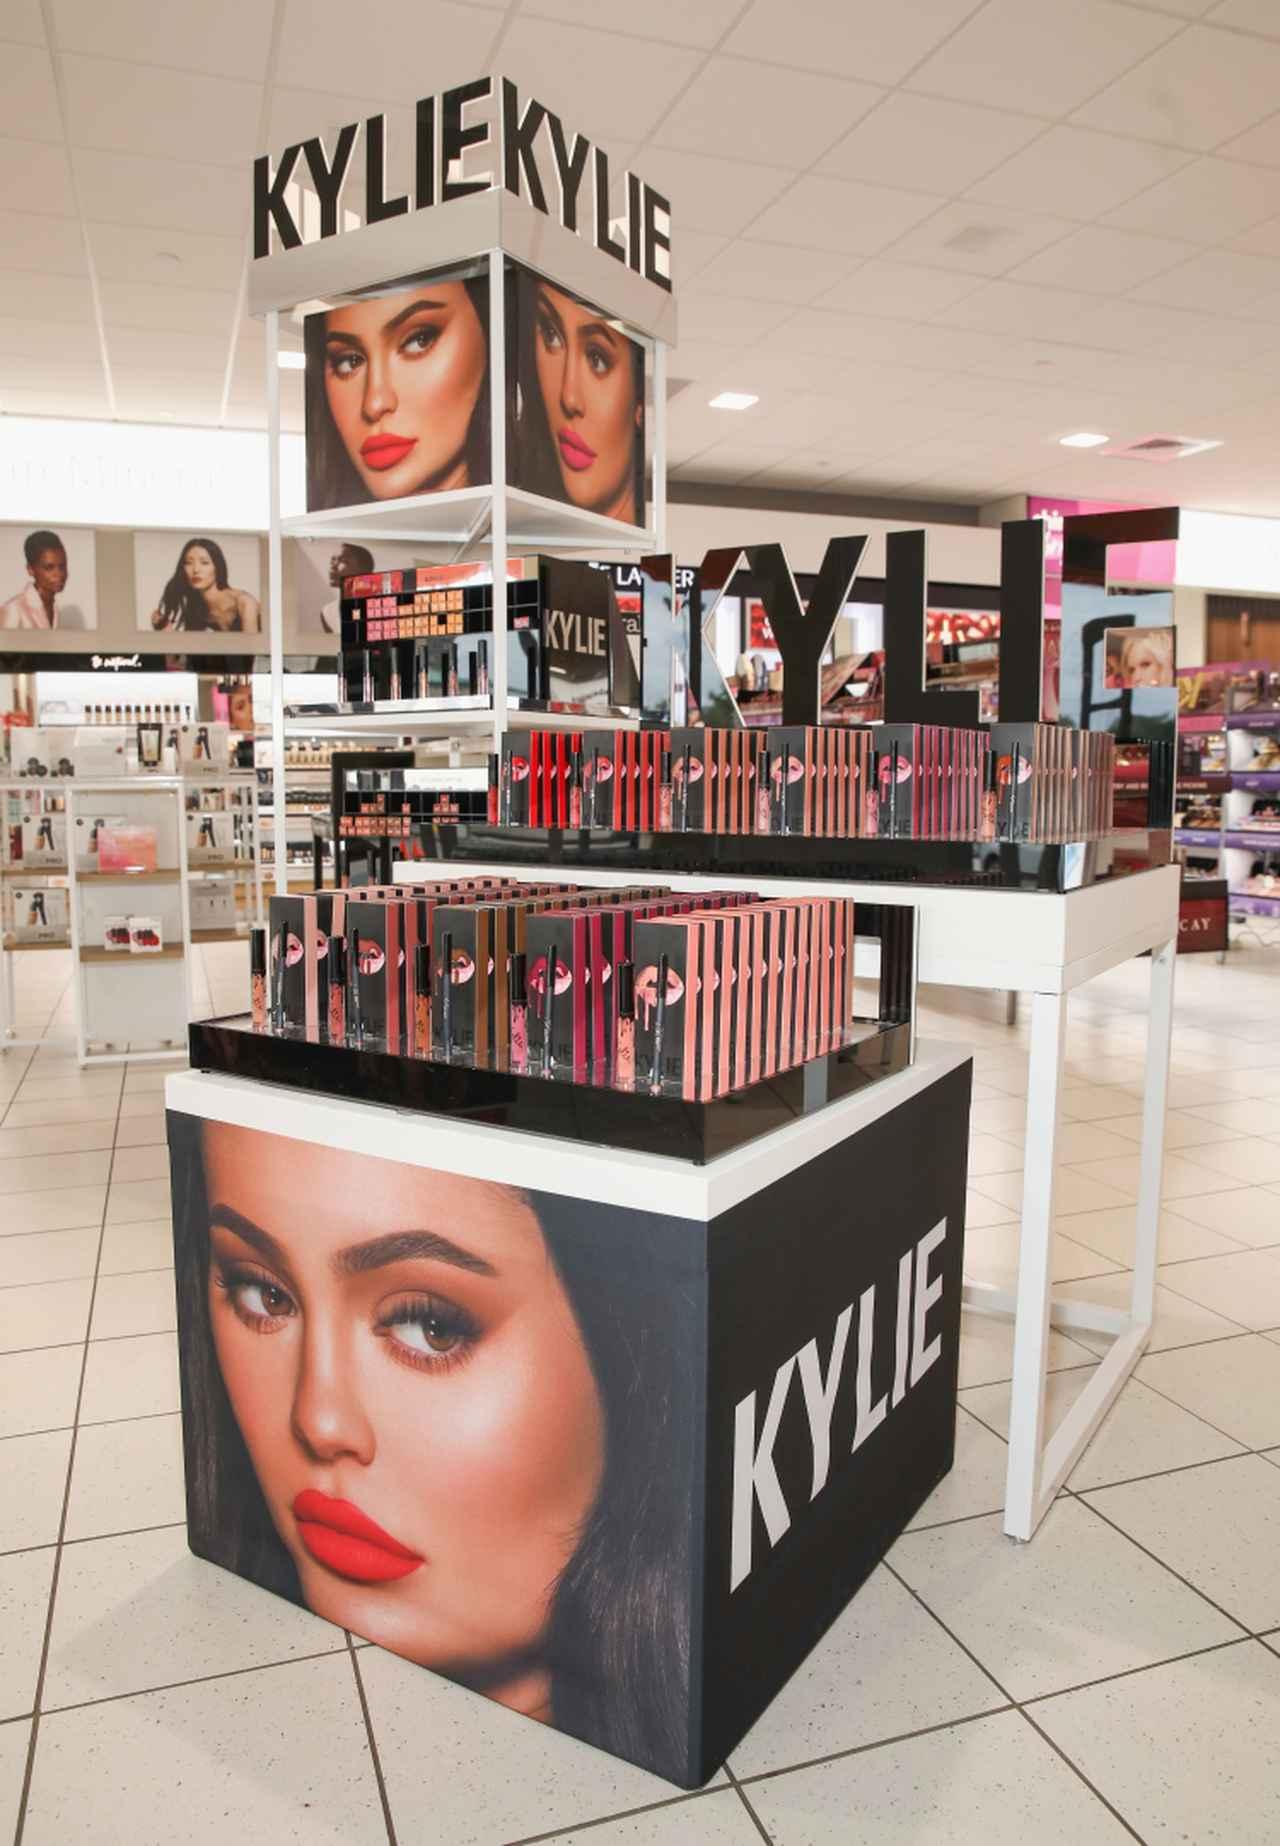 画像: ウルタ・ビューティーの店舗に設置されたカイリー・コスメティックスの販促ディスプレイ。